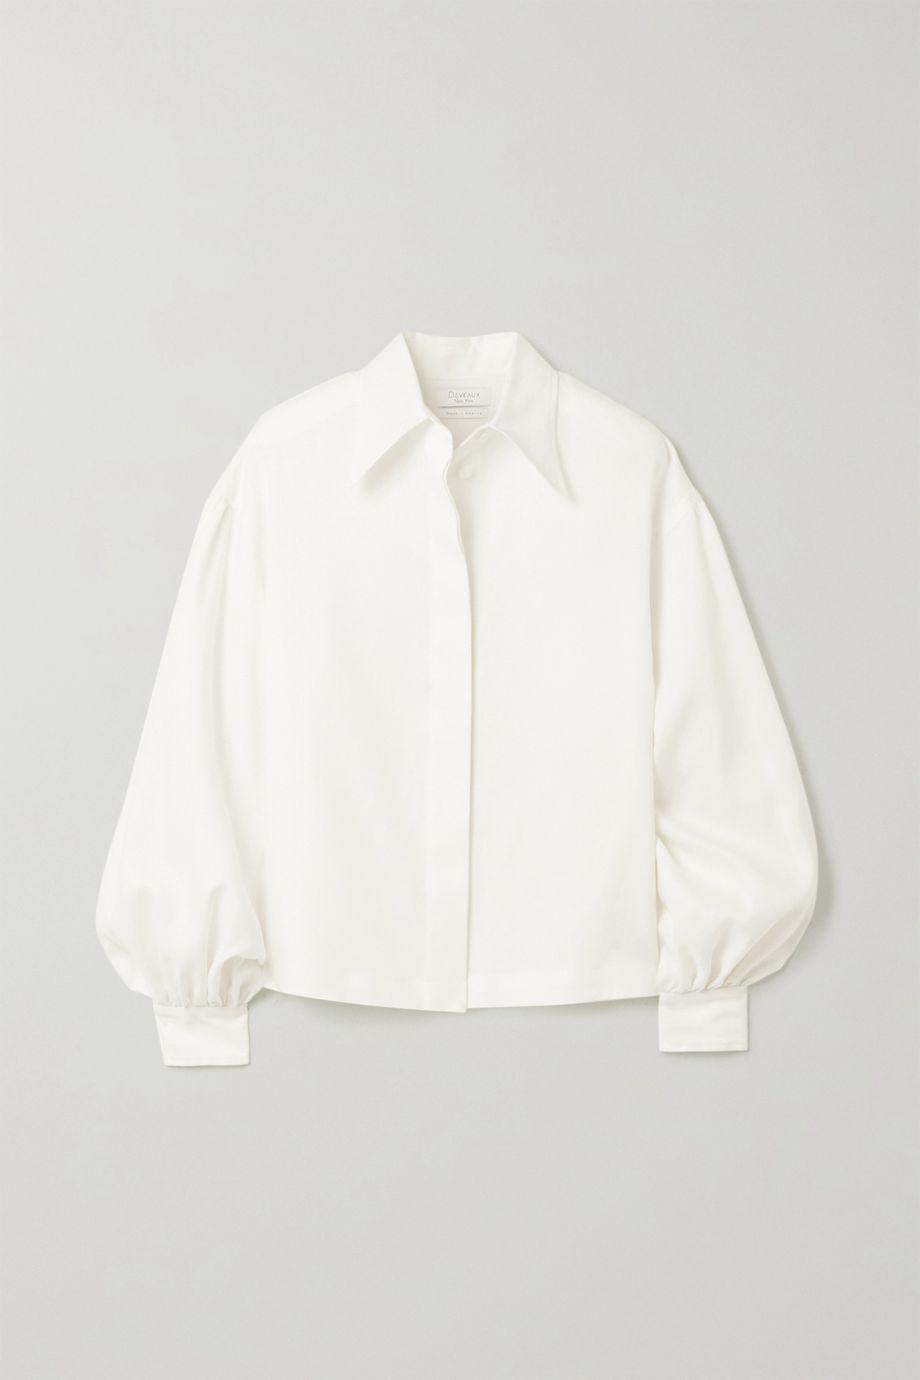 Deveaux Bettina linen shirt